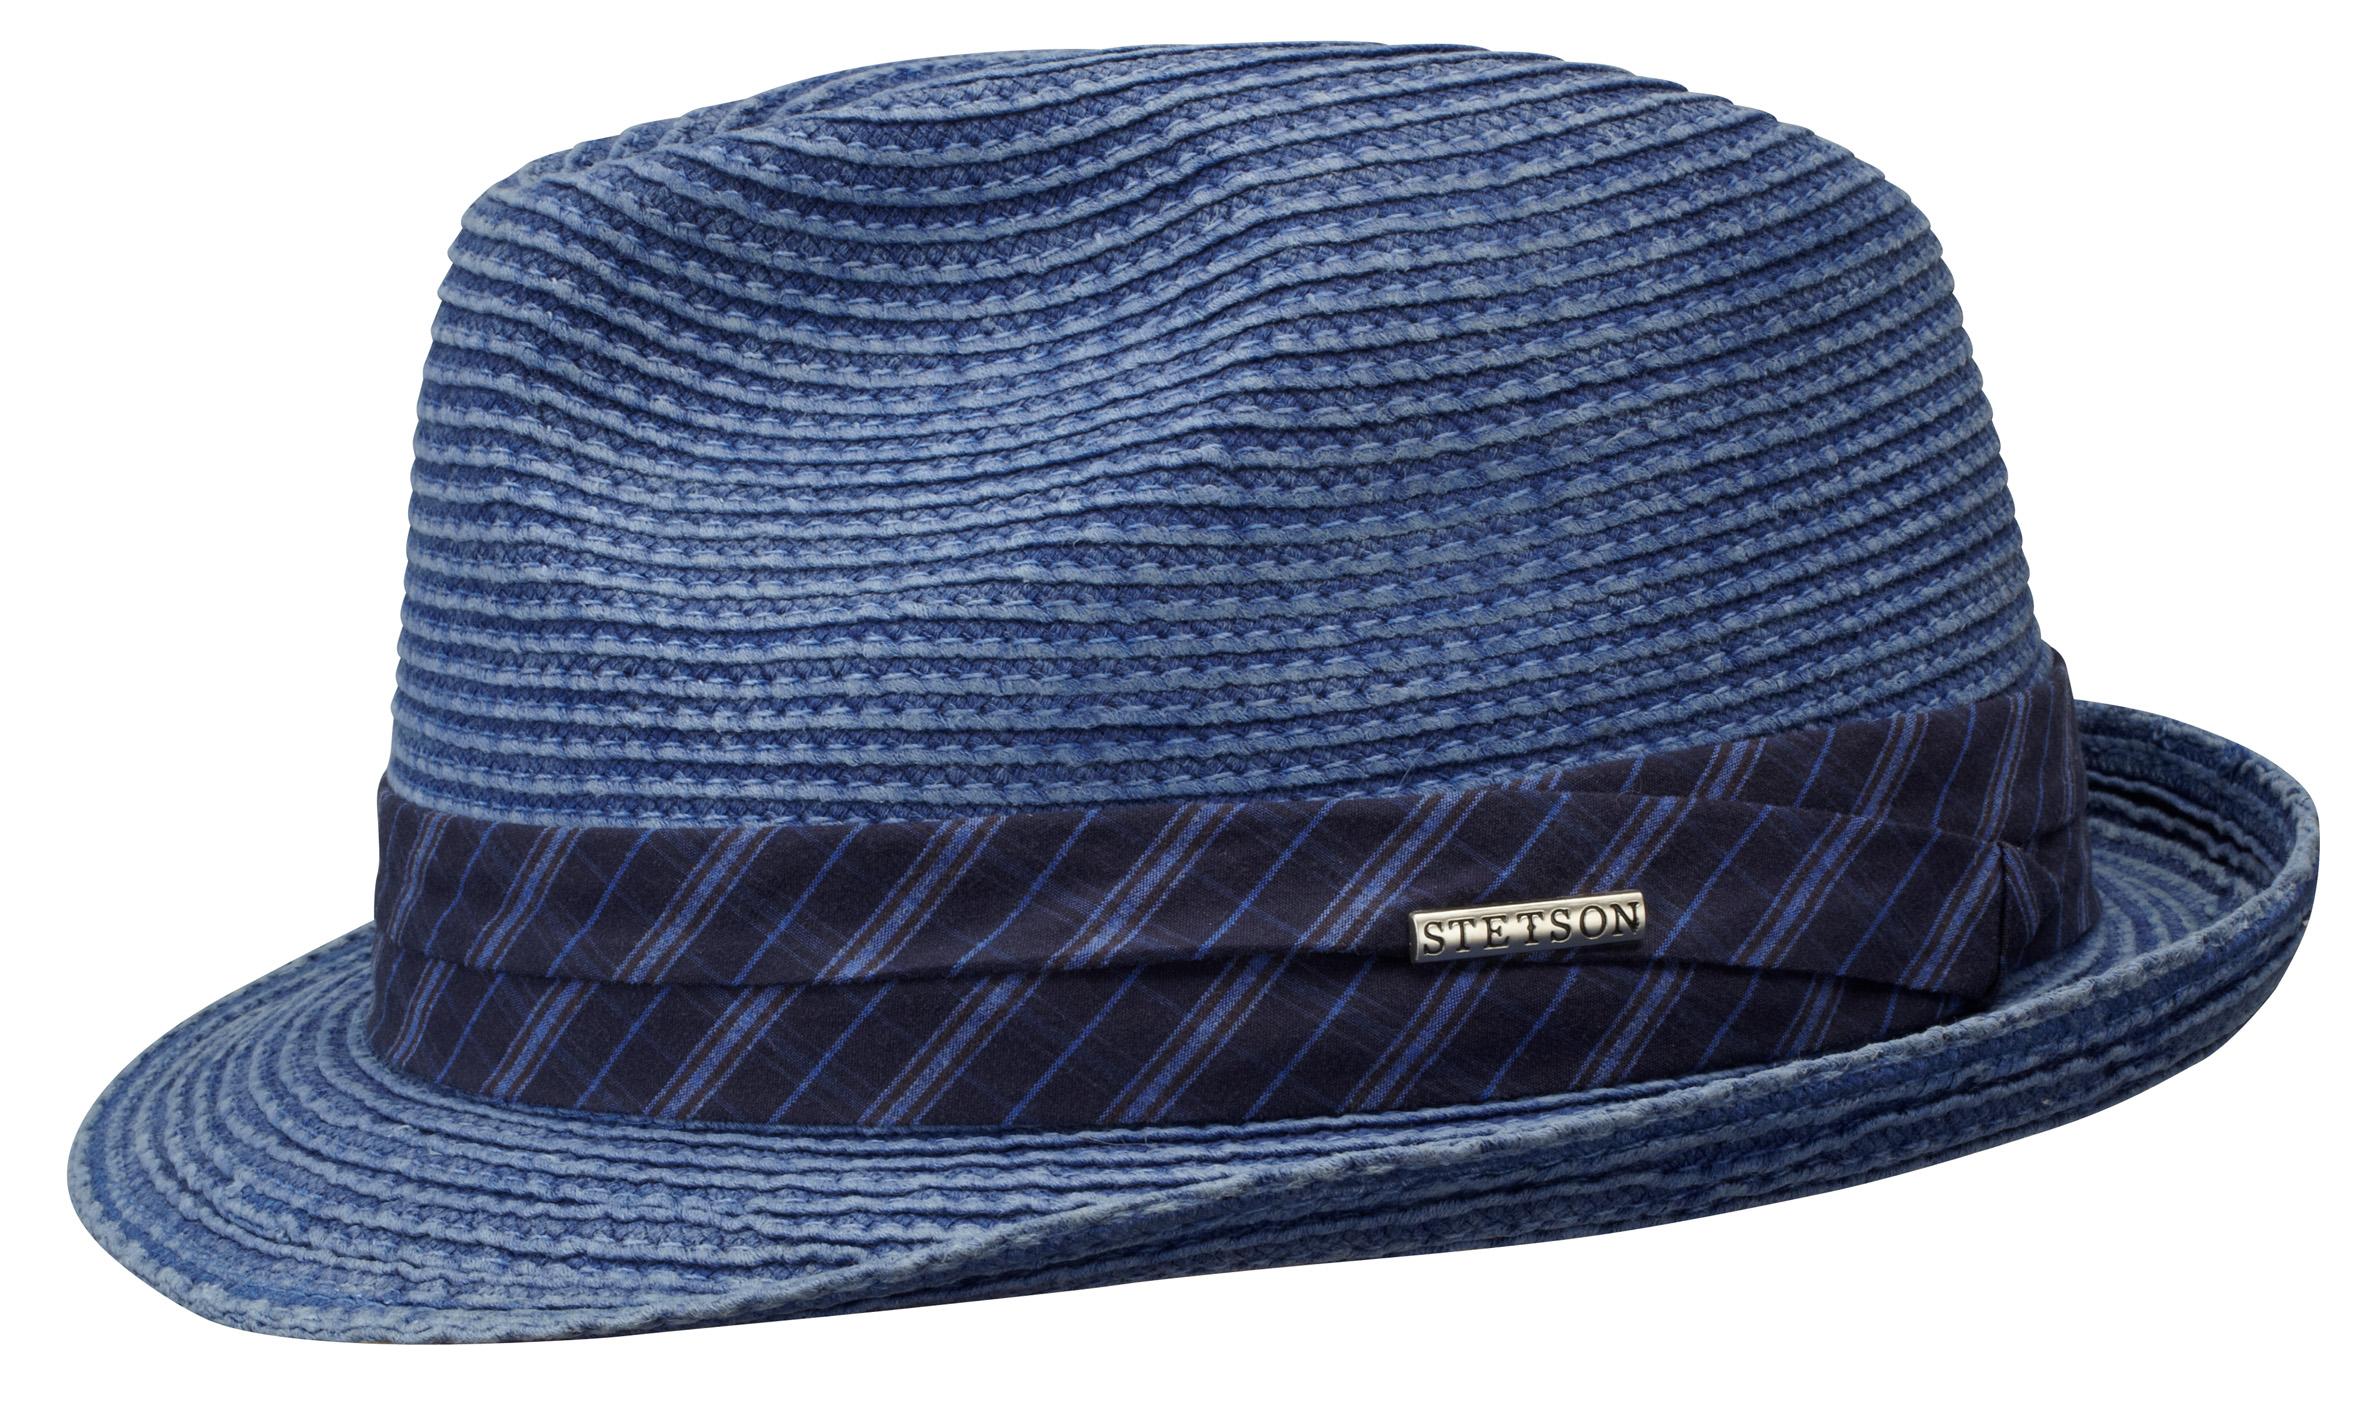 SEKORA.cz uvádí na český trh bavlněný letní klobouk Stetson Dedham ... 7829076845